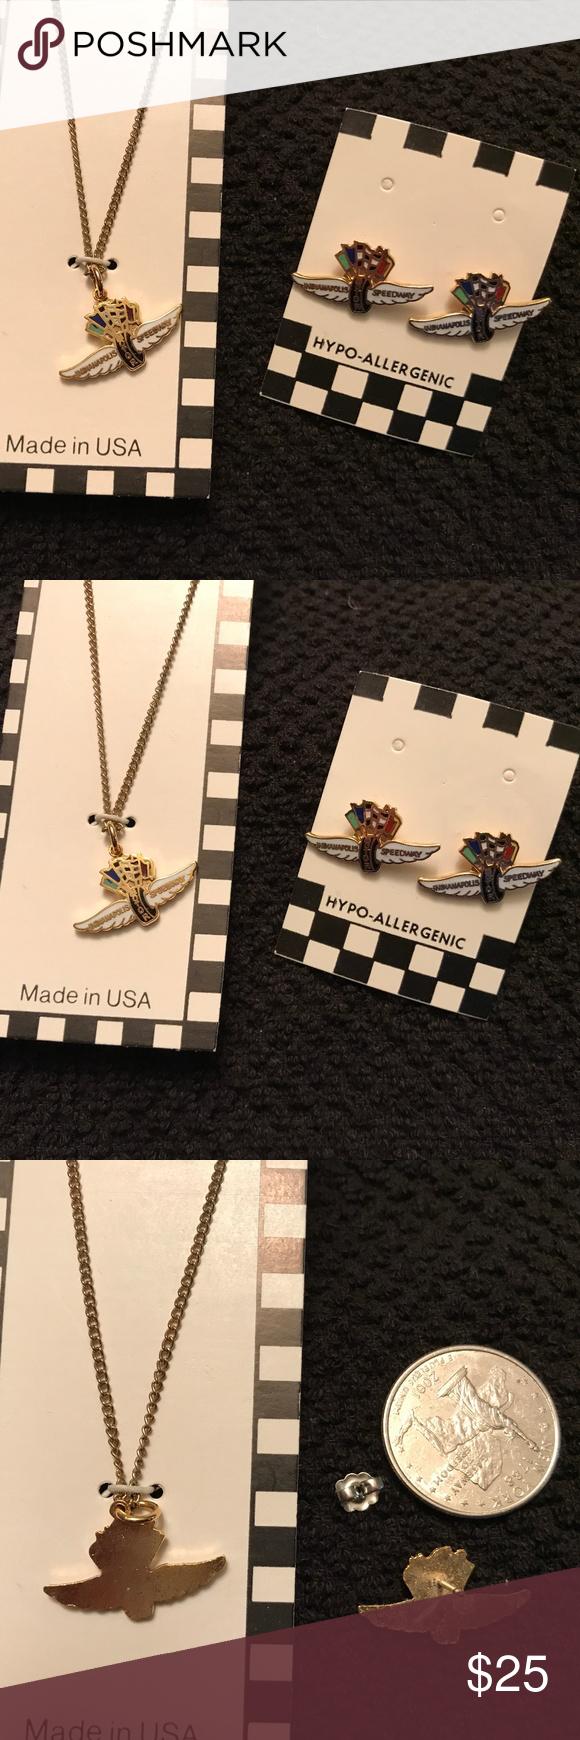 Vintage Indy 500 Souvenir Necklace Earring Set Vintage Jewelry Sets Necklace Earring Set Earring Set